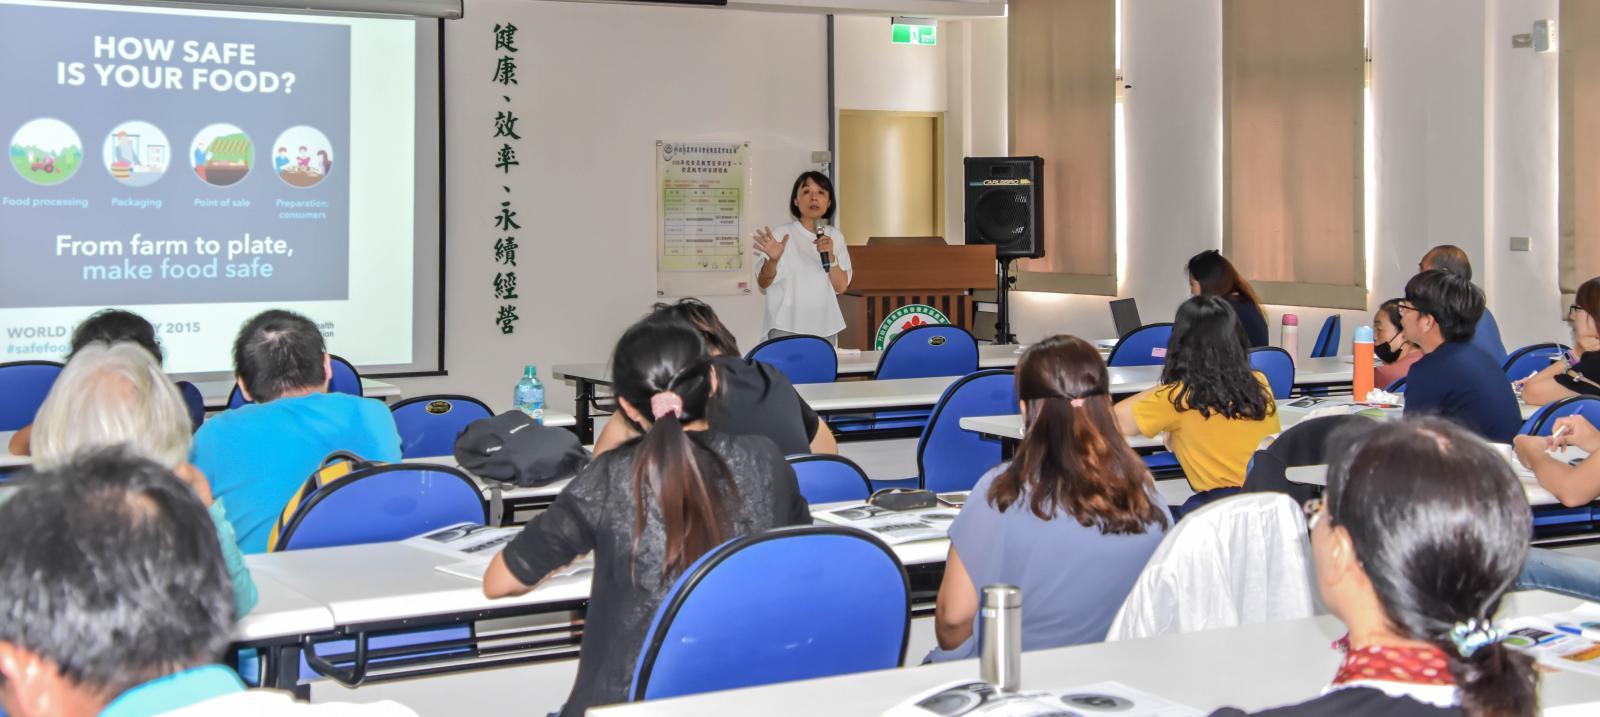 林如萍教授以「學校推動食農教育策略」為講題,分享國內學校推動案例